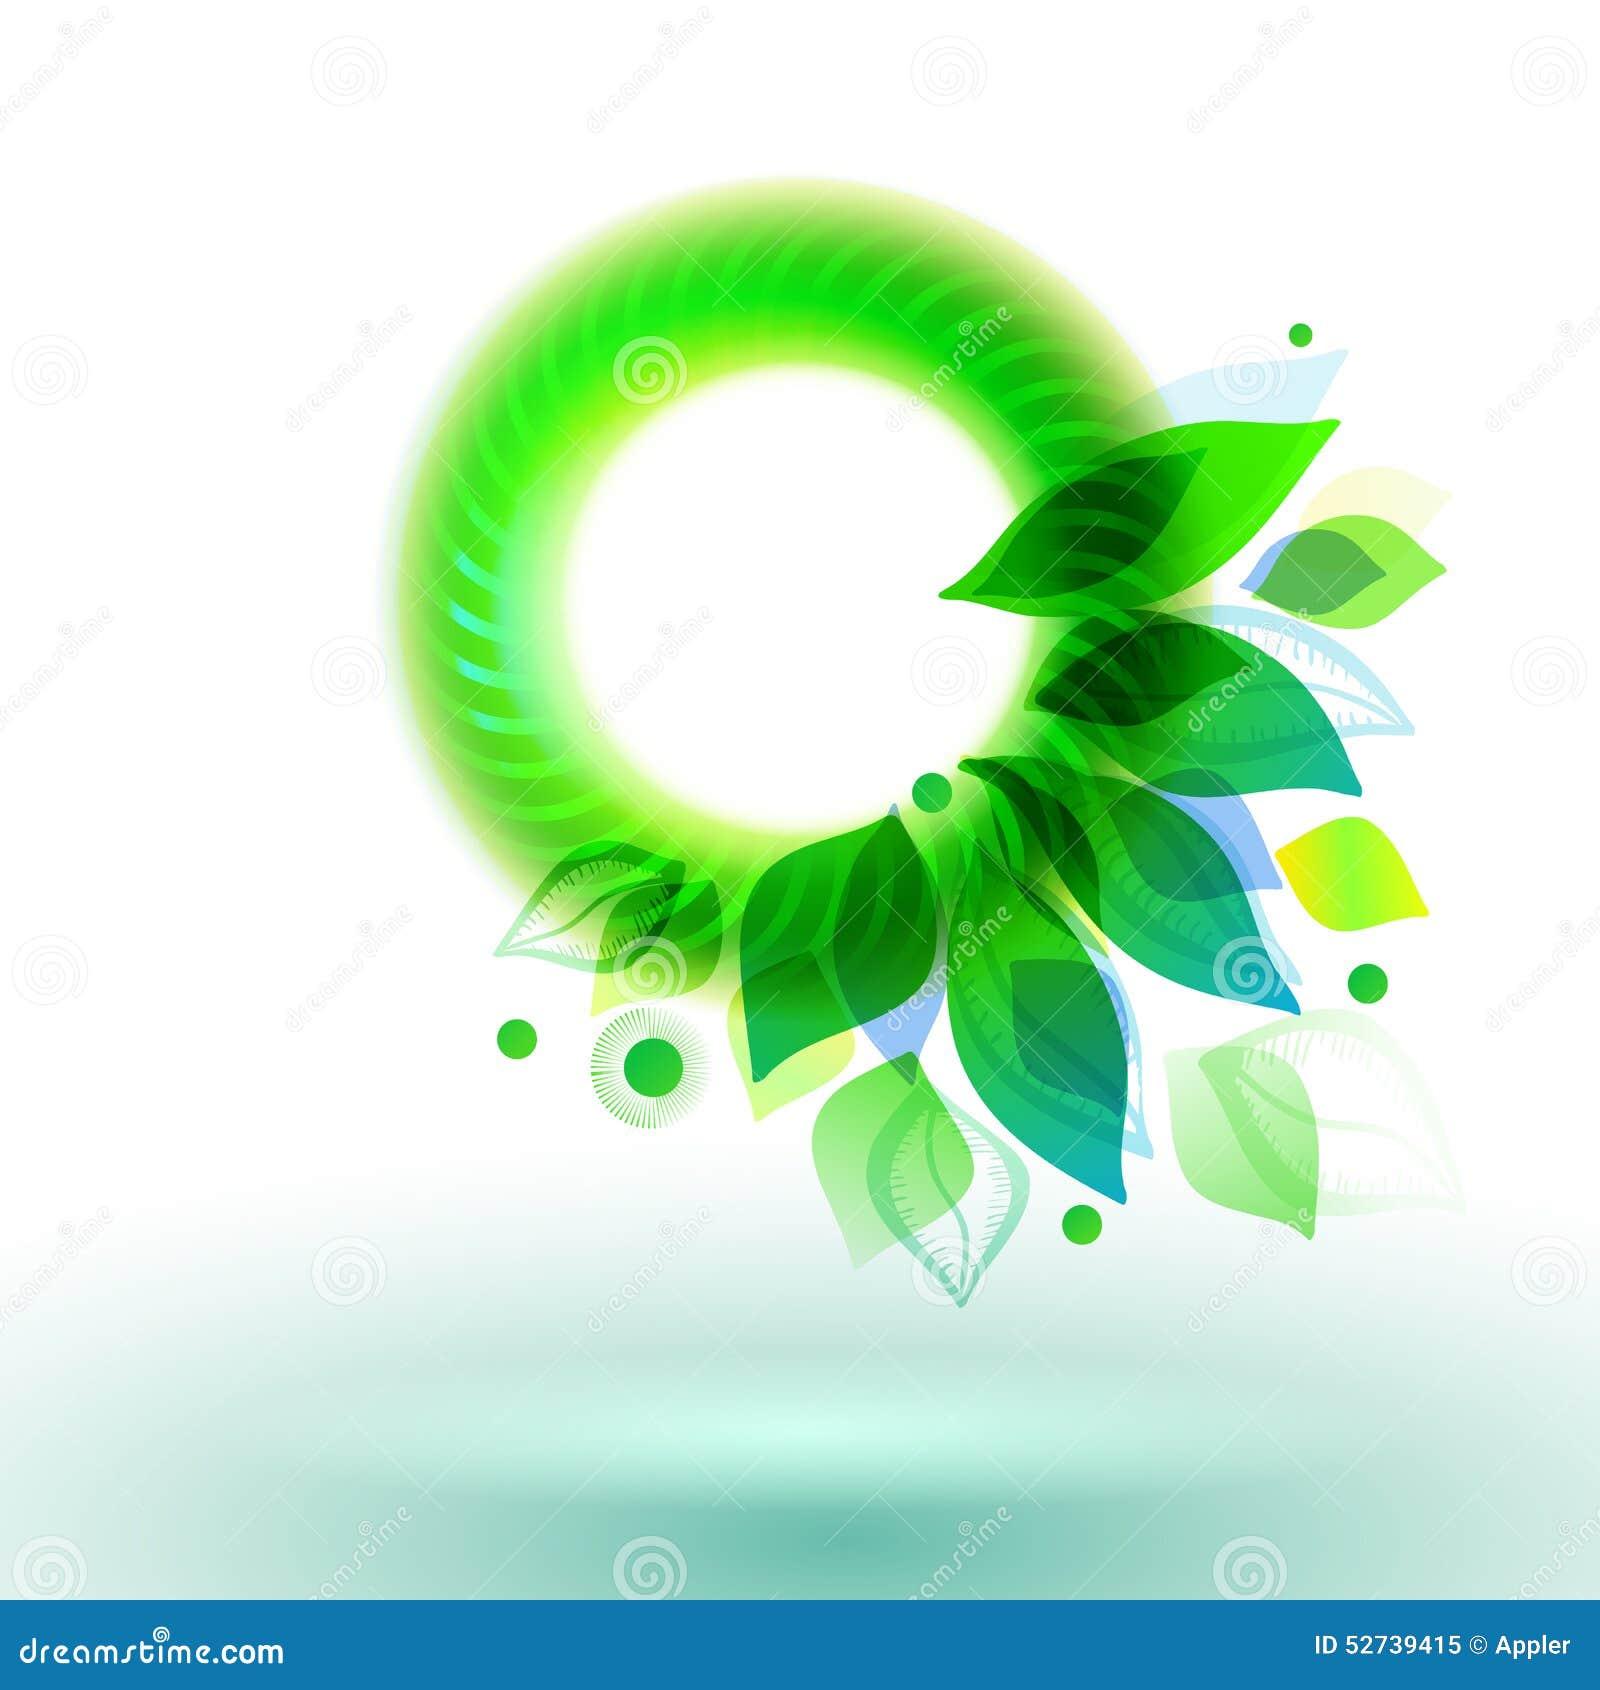 green but for a season pdf